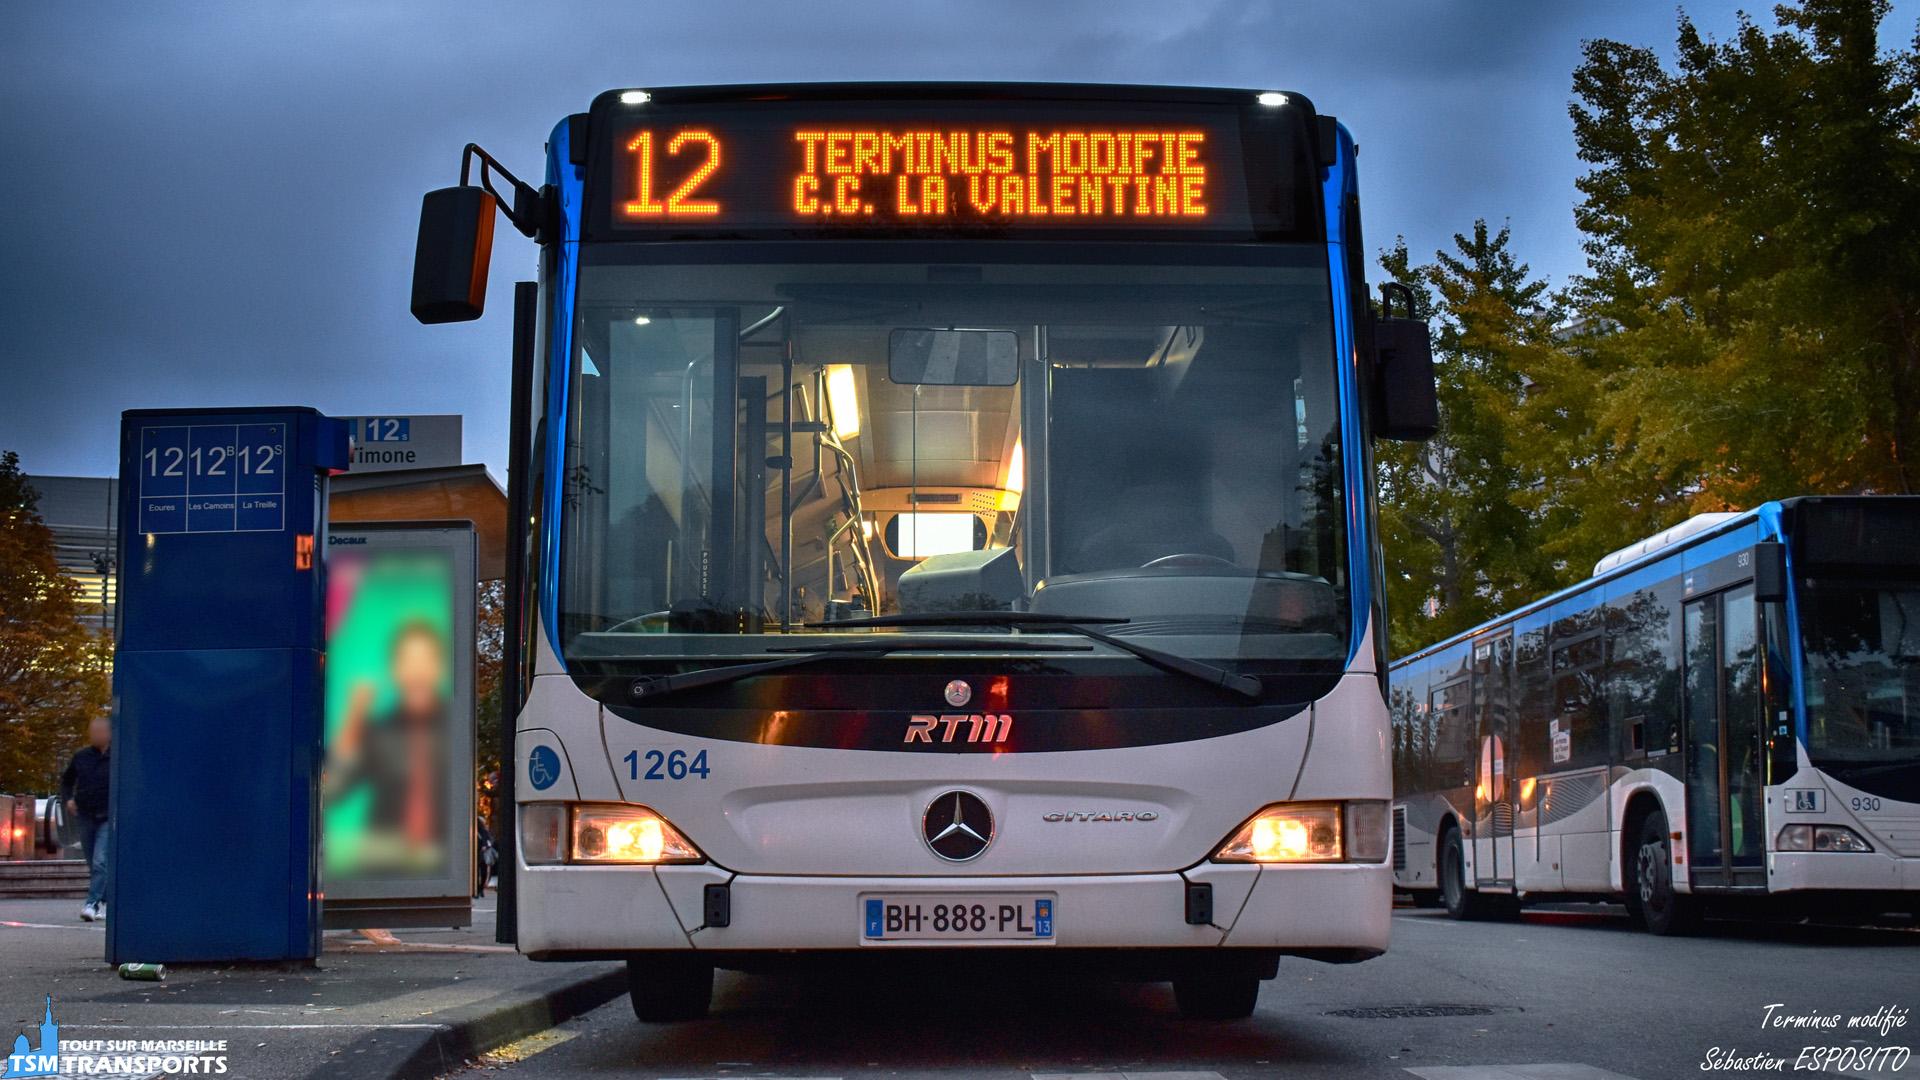 17 novembre, les gilets jaunes sont de sortis et la RTM à bien évidemment subit les effets des blocages dans la ville. . Résultat, j'ai le droit à cette girouette spéciale sur la 12 suite à une régulation, ce bus sera limité au Centre Commercial La Valentine au lieu de l'habituel terminus Eoures. . ℹ️ Mercedes Benz Citaro Facelift RTM n°1264 et Citaro 1 RTM n°930 (à droite). . 📍 Gare d'échange du Métro La Timone, Boulevard Jean Moulin, 5eme arrondissement de Marseille. . ↔️ 12 : Métro La Timone - Eoures . 🚧 : Limité au Centre commercial La Valentine. . 📸 Nikon D5600. . 📷 Nikkor 18-55mm. . 📅 17 novembre 2018 à 17:23. . 👨 Sébastien ESPOSITO et son œil de lynx une fois de plus.